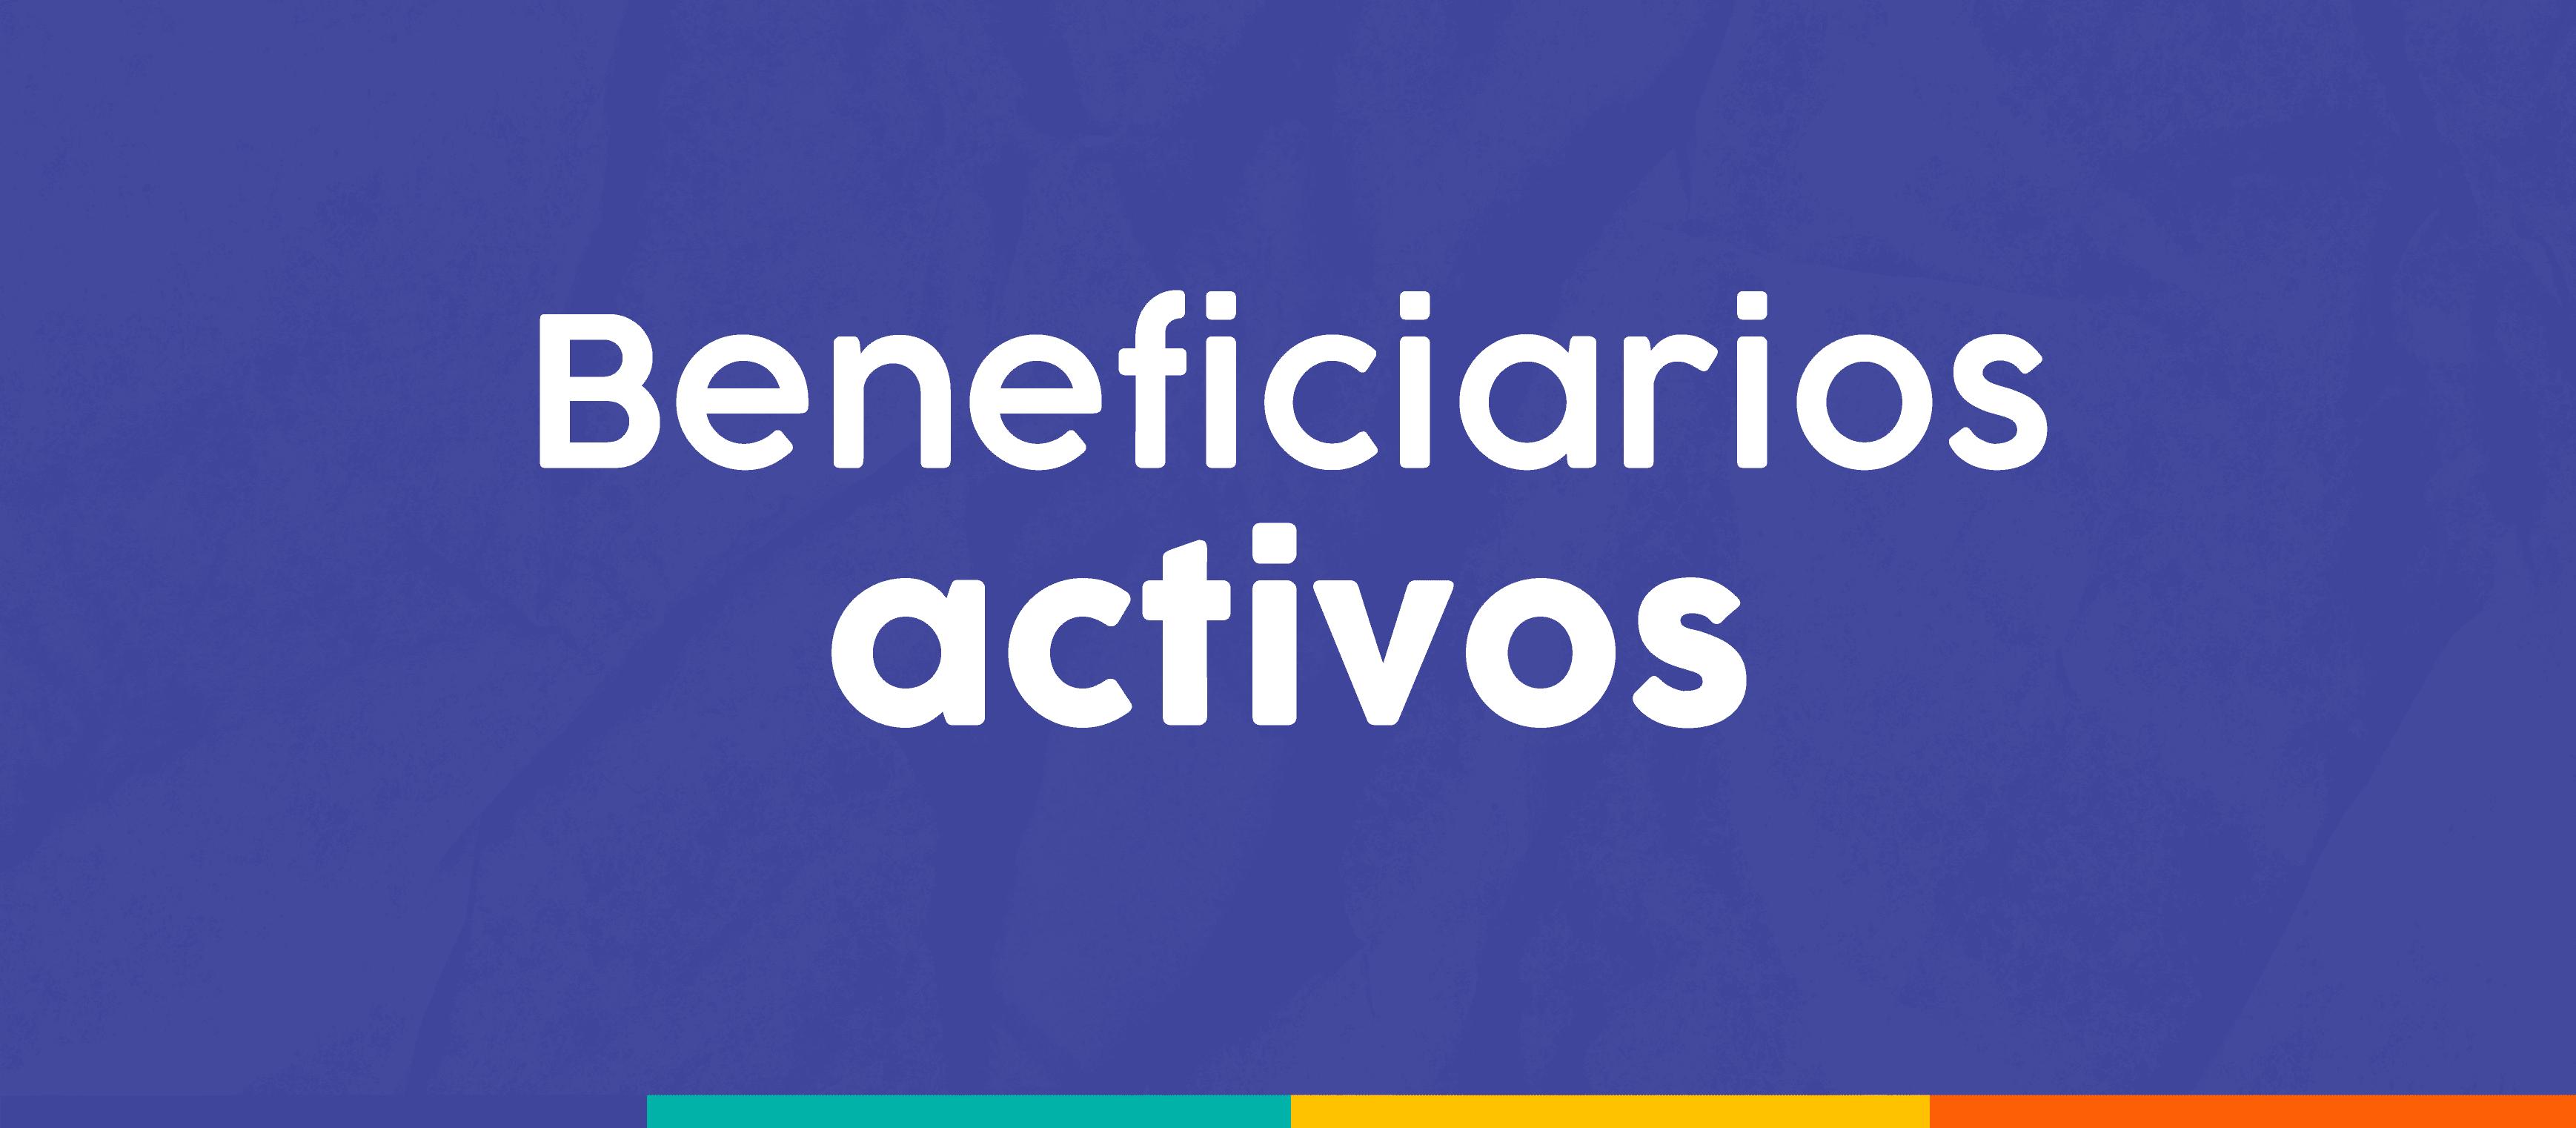 boton-beneficiarios-activos-1-1